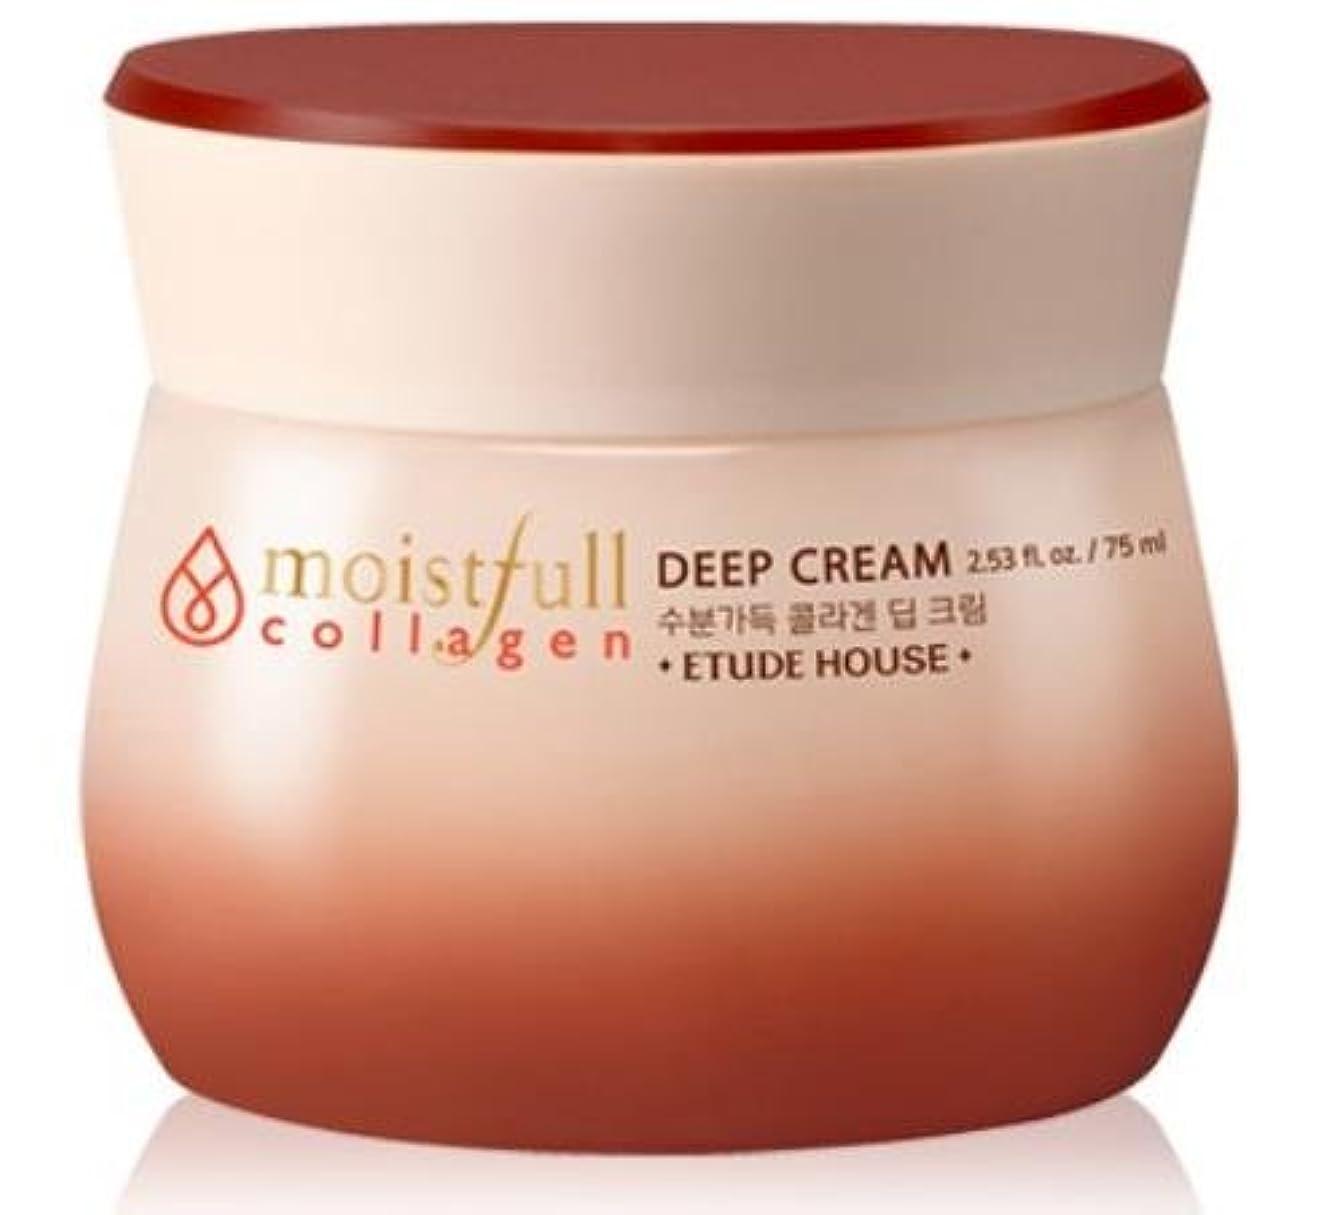 モーター砂漠熟読する[エチュードハウス] ETUDE HOUSE [モイストフルコラーゲ 深いクリーム] (Moistfull Collagen Deep Cream) [並行輸入品]